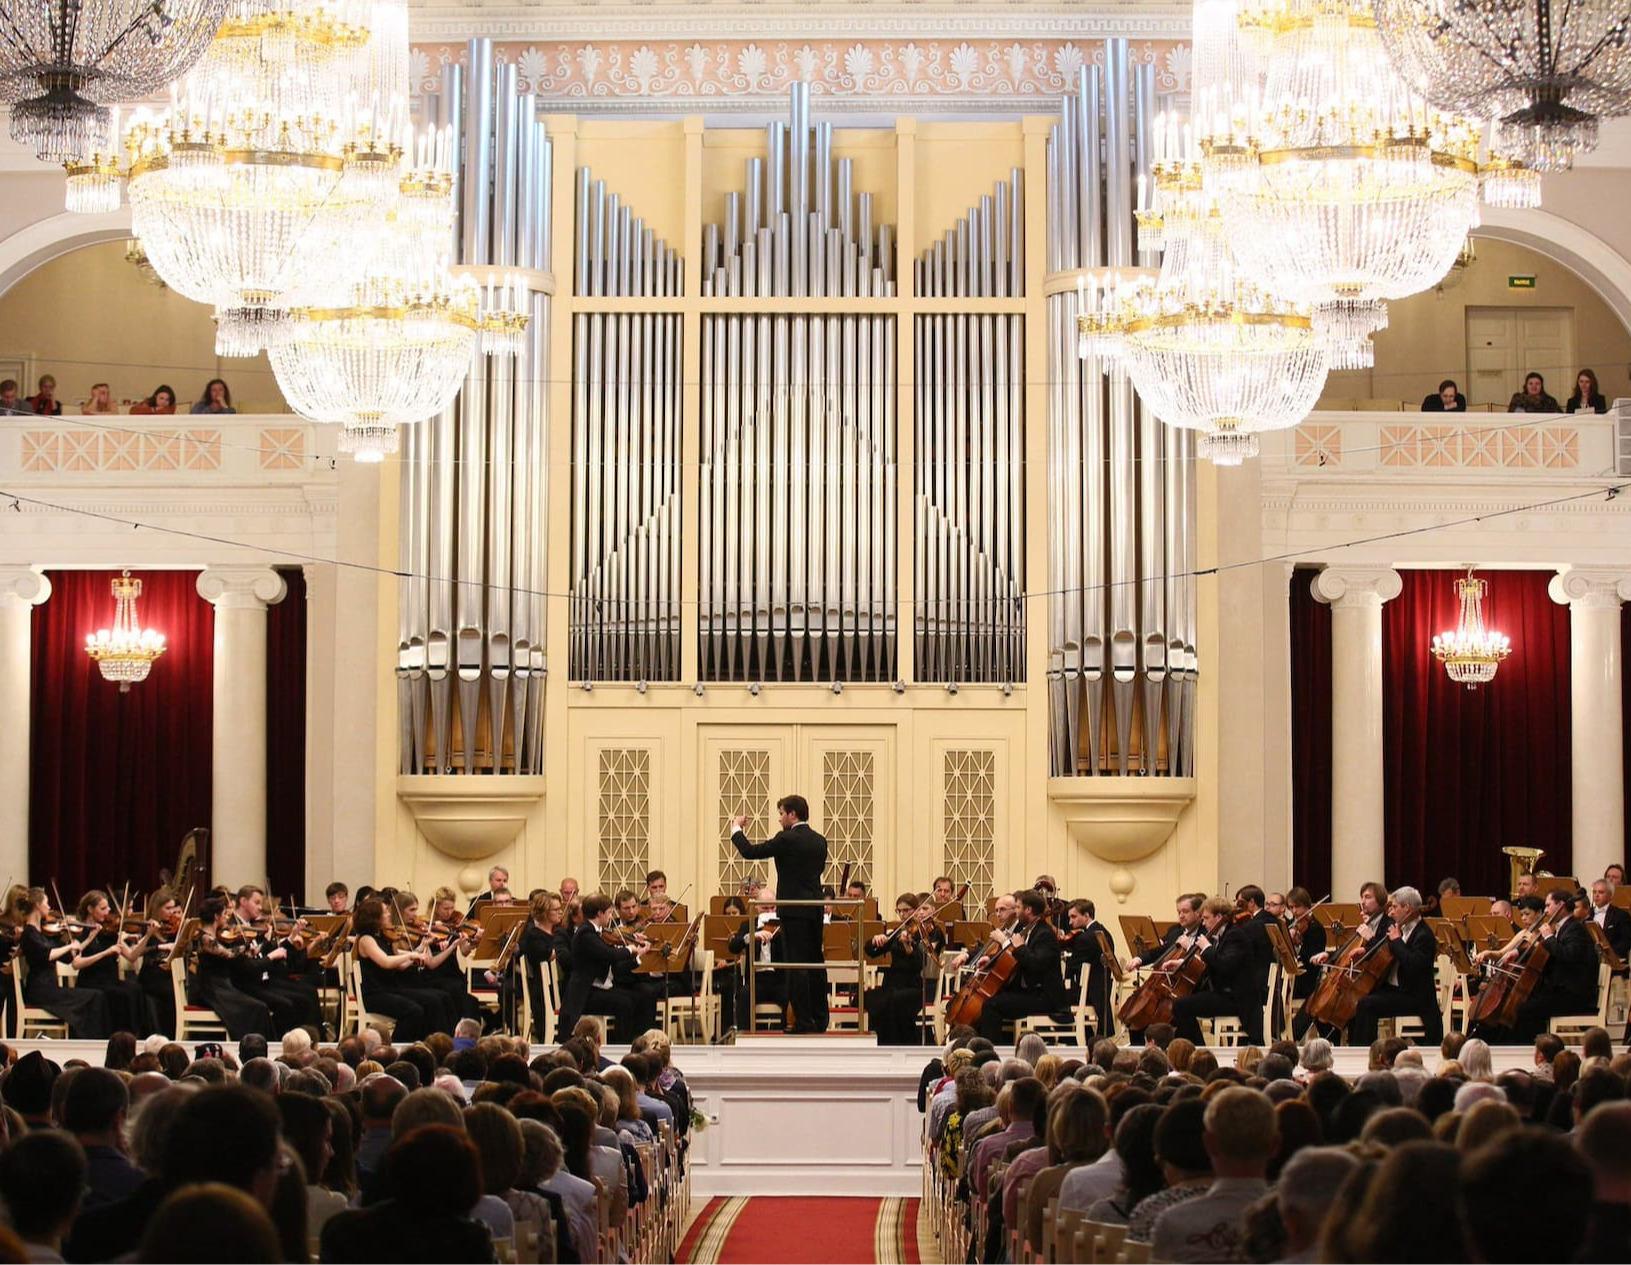 Большой зал филармонии имени Шостаковича